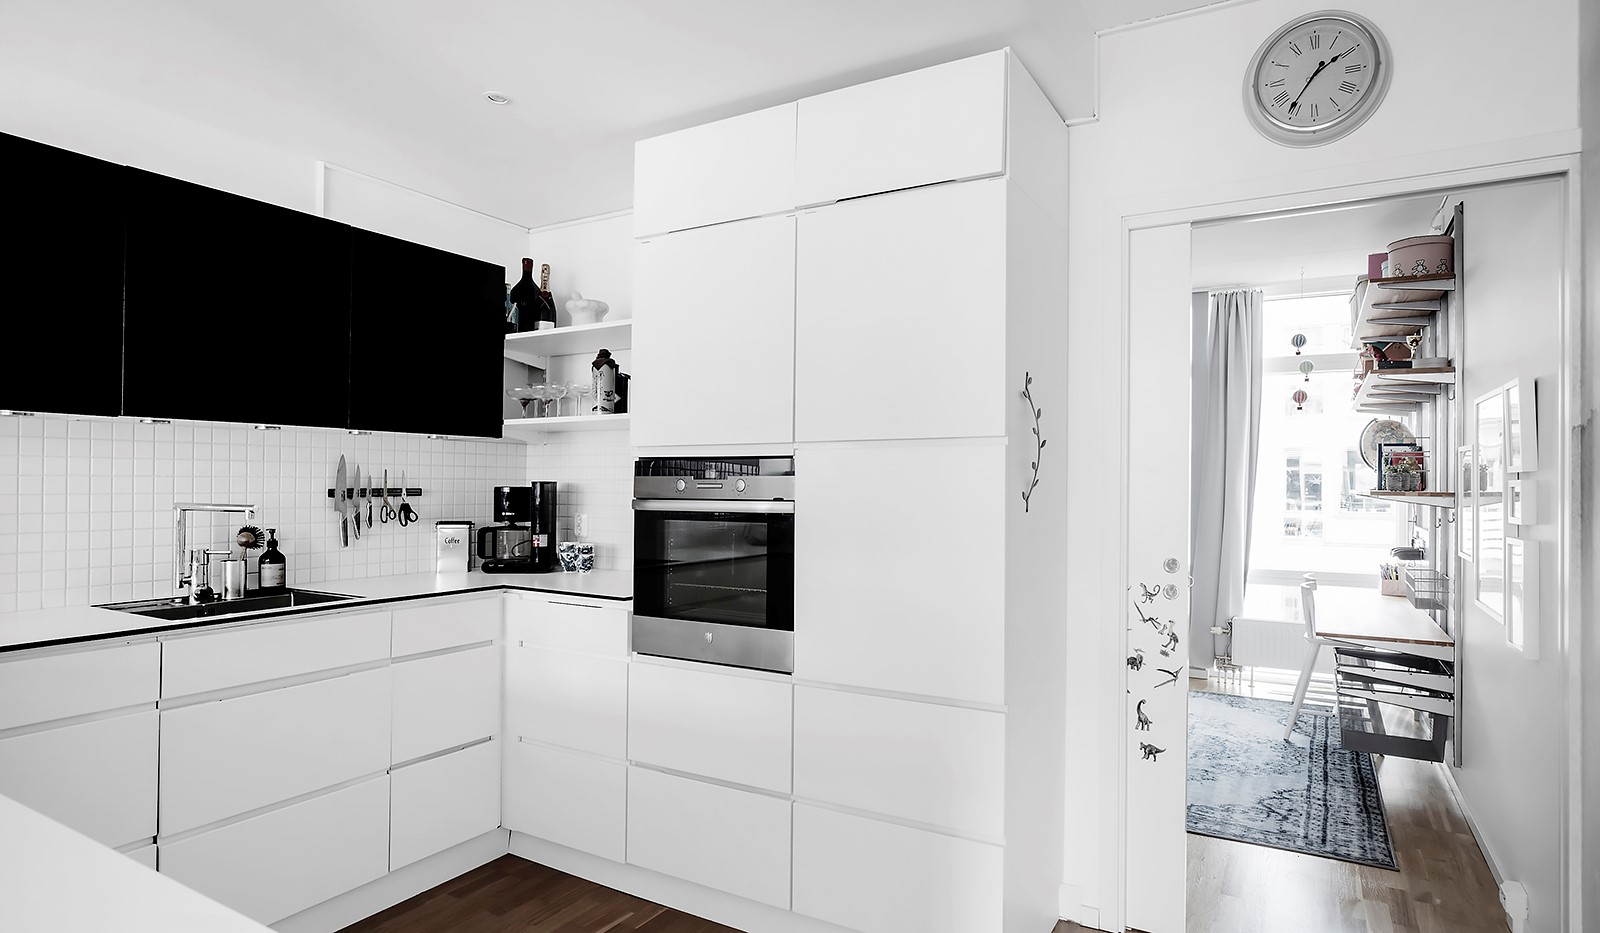 Sickla kanalgata 67, 3 tr - Köket är utrustat med snyggt integrerade vitvaror